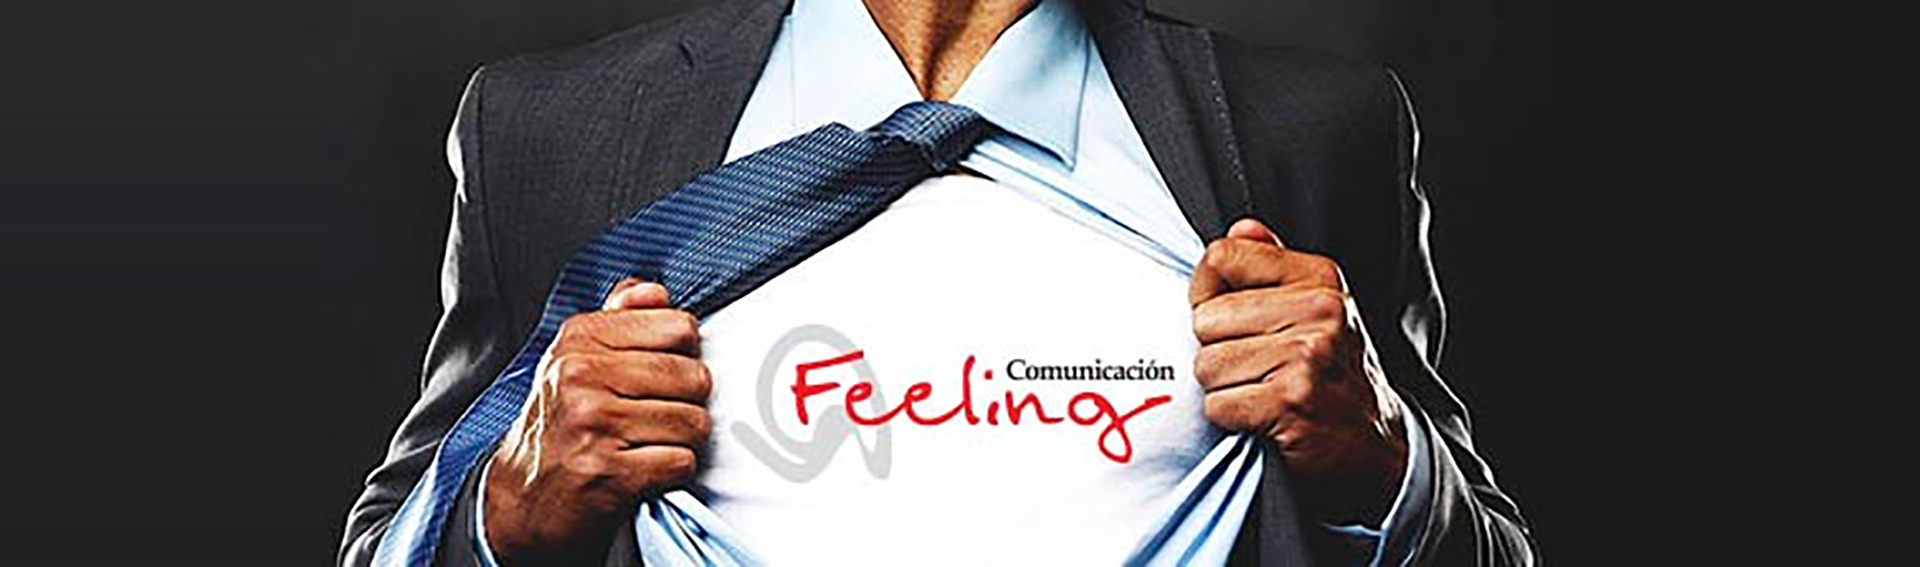 feeling-banner 2